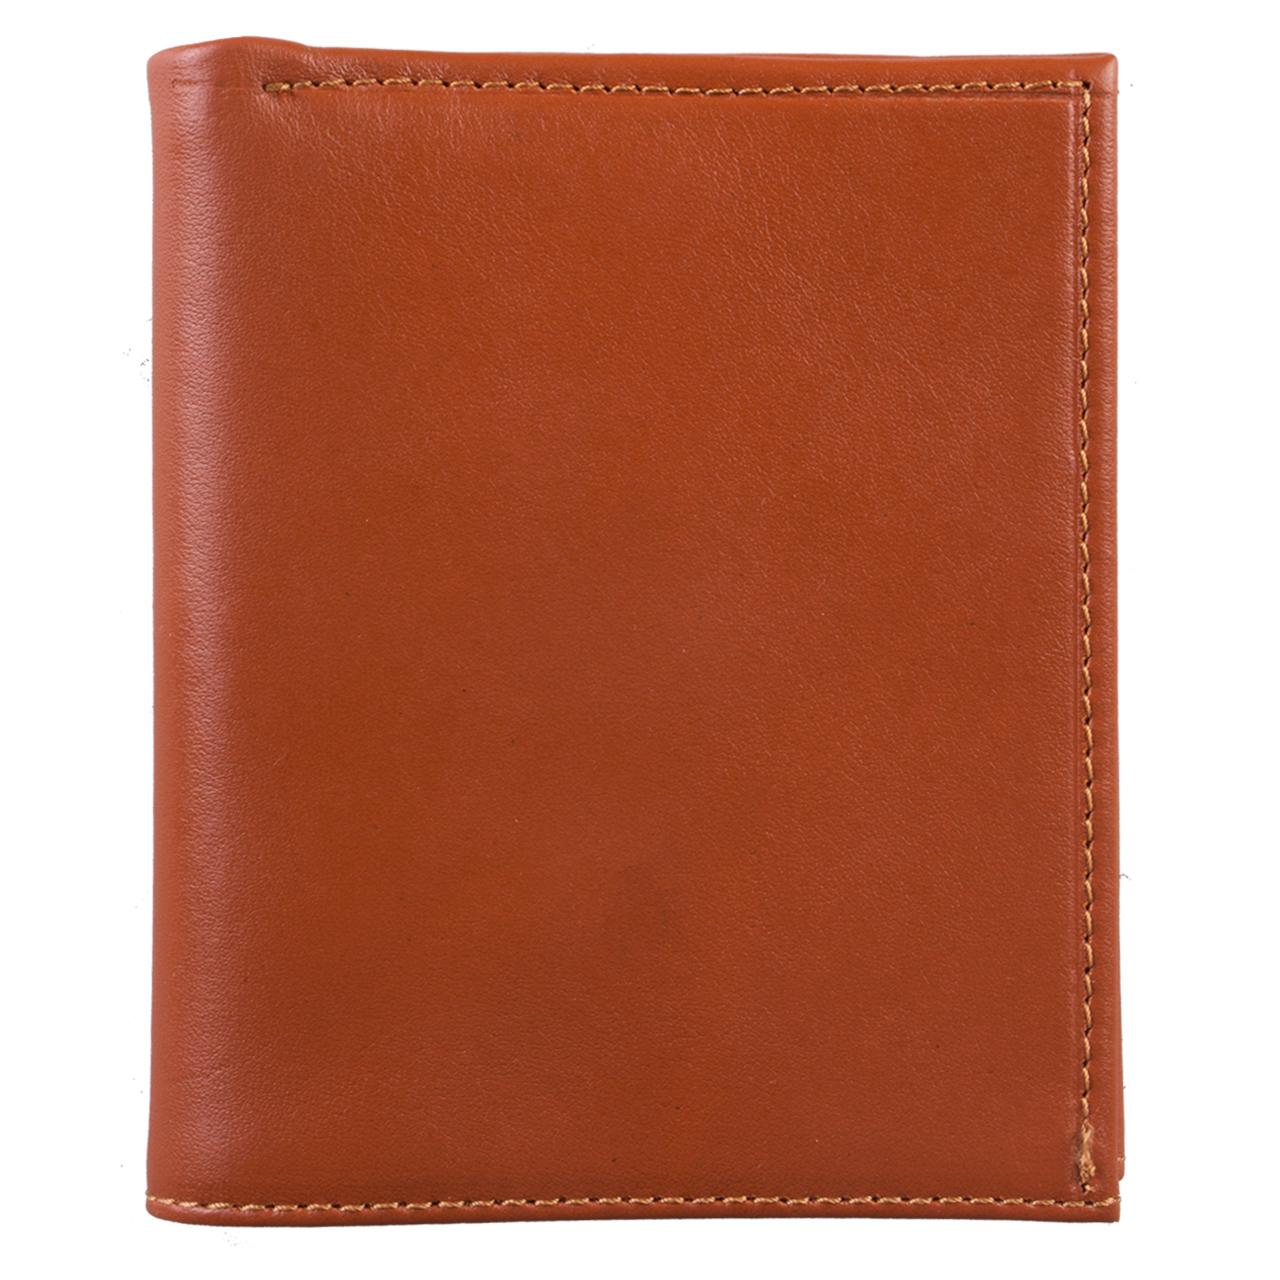 کیف پول مردانه چرم طبیعی زیویک مدل 004